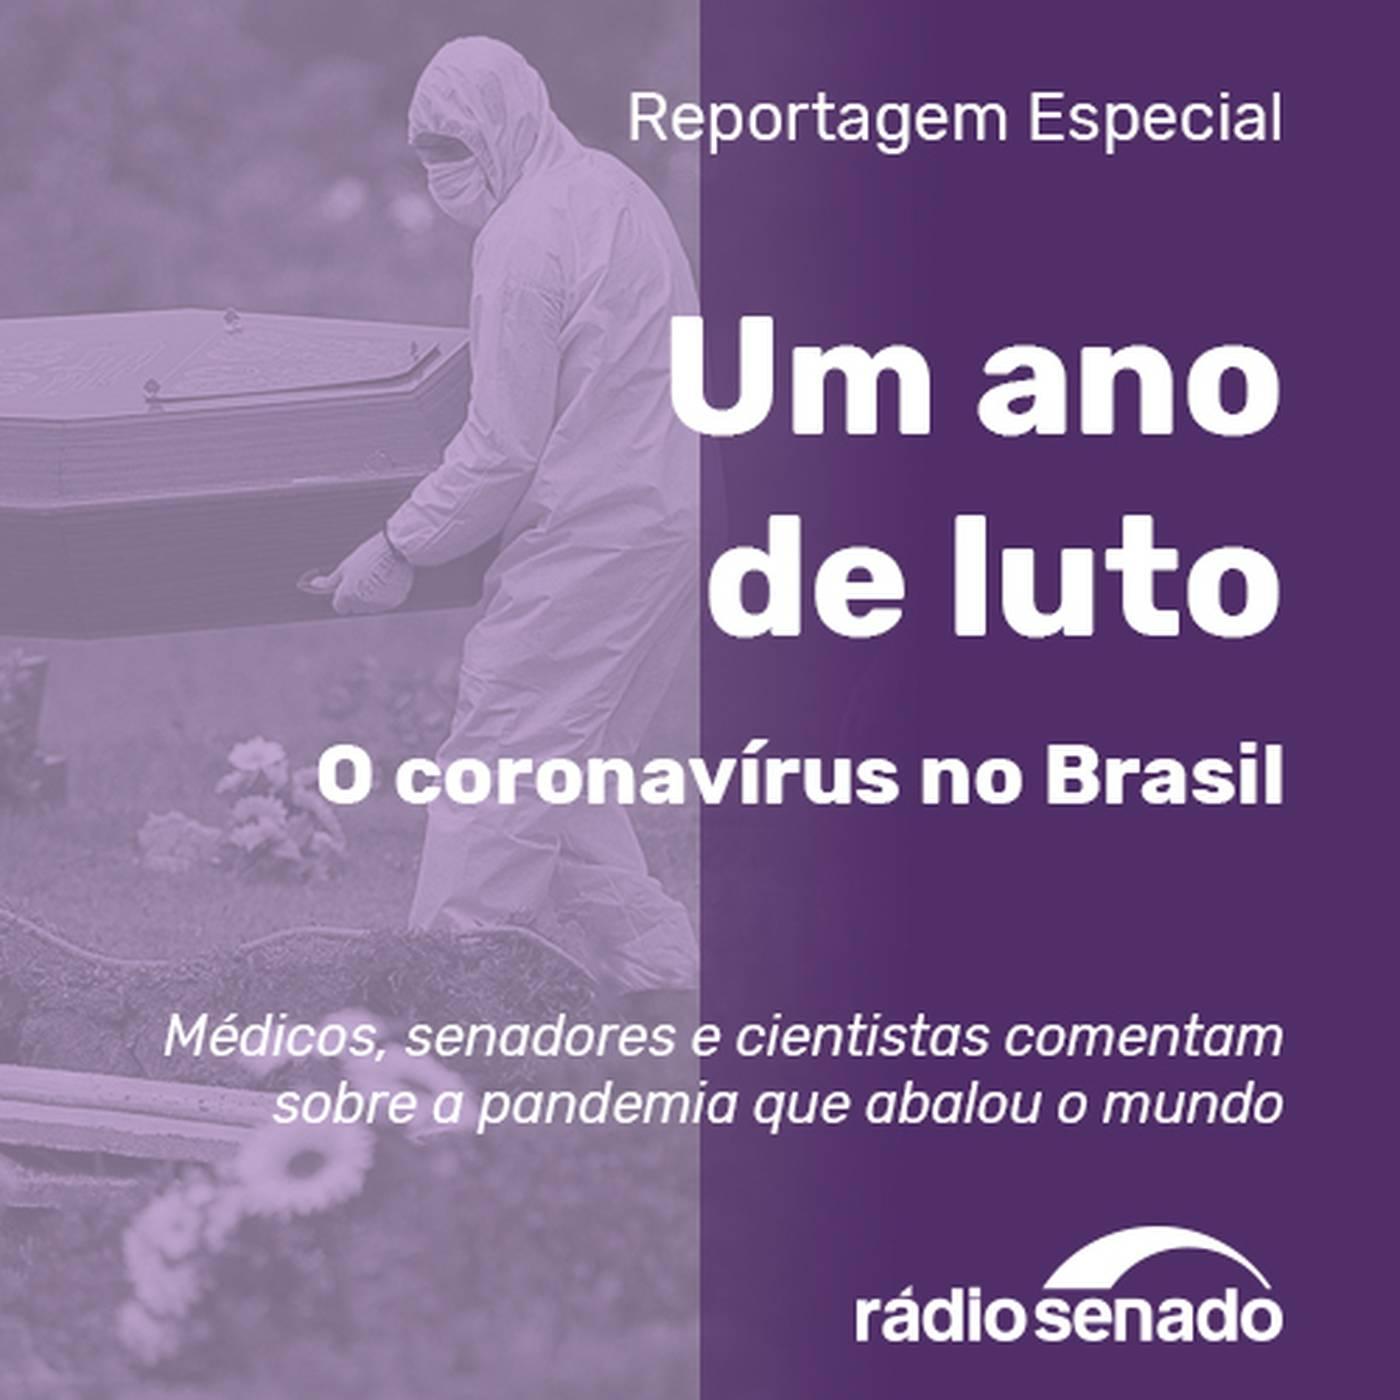 Um ano de luto – O coronavírus no Brasil